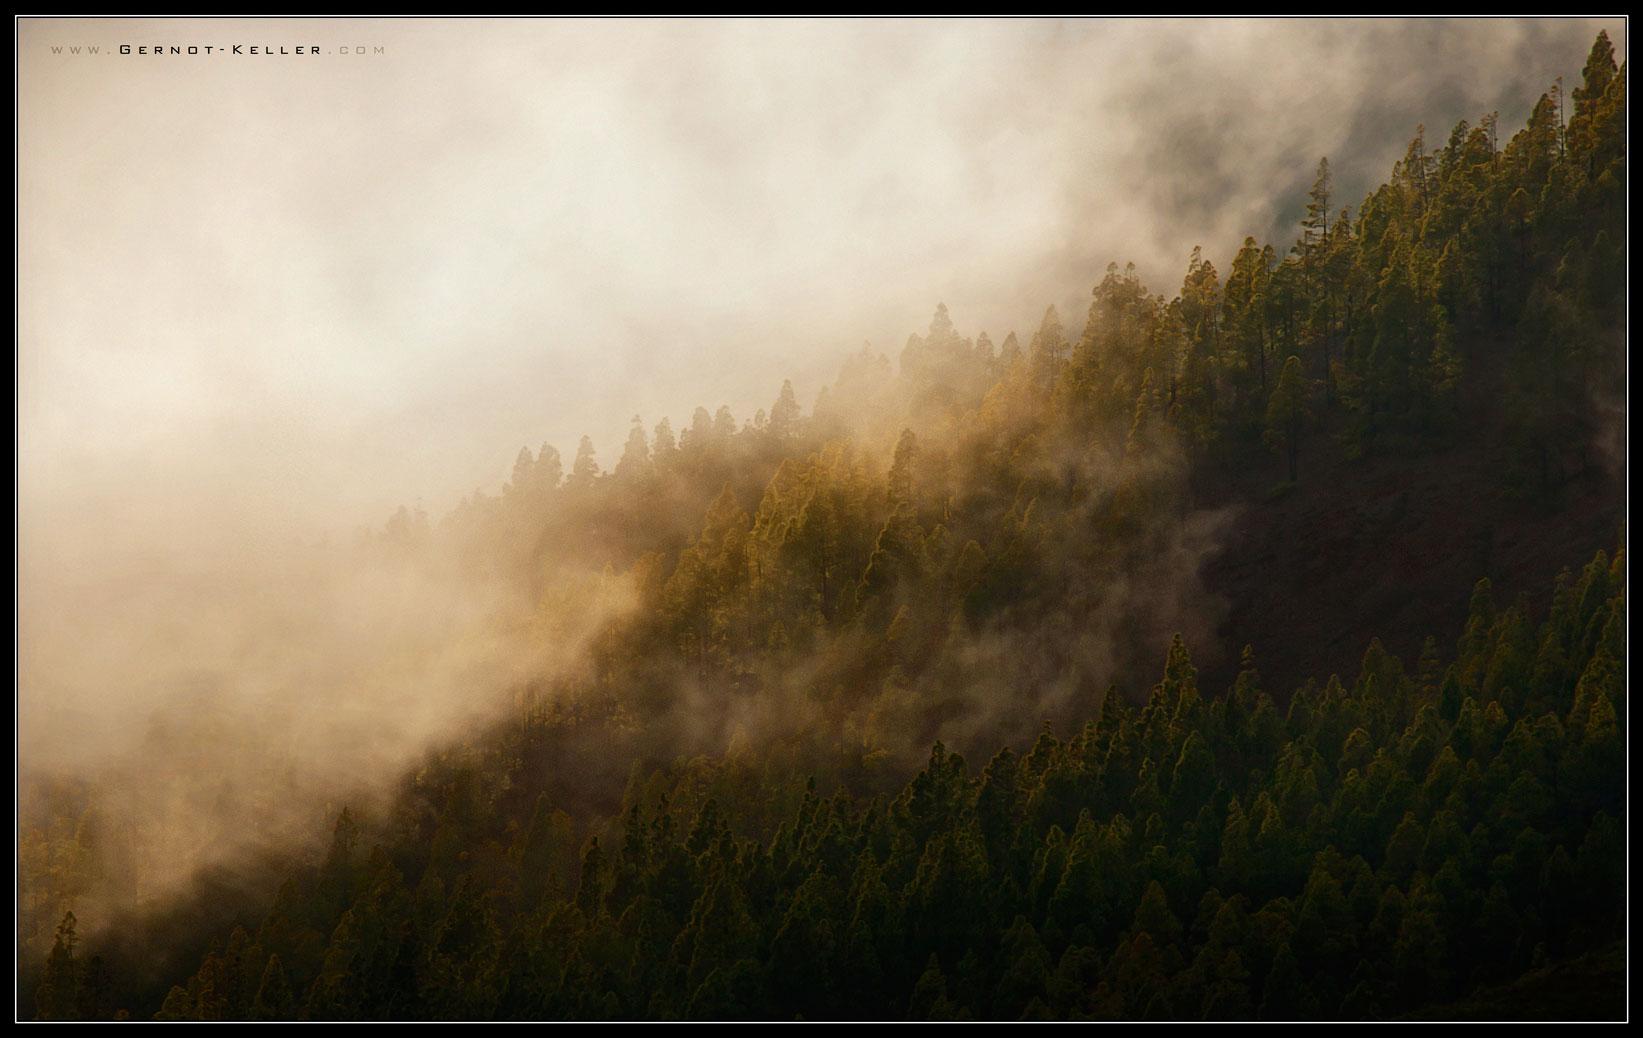 09627 - Teneriffa - Die Wolken haengen tief heute